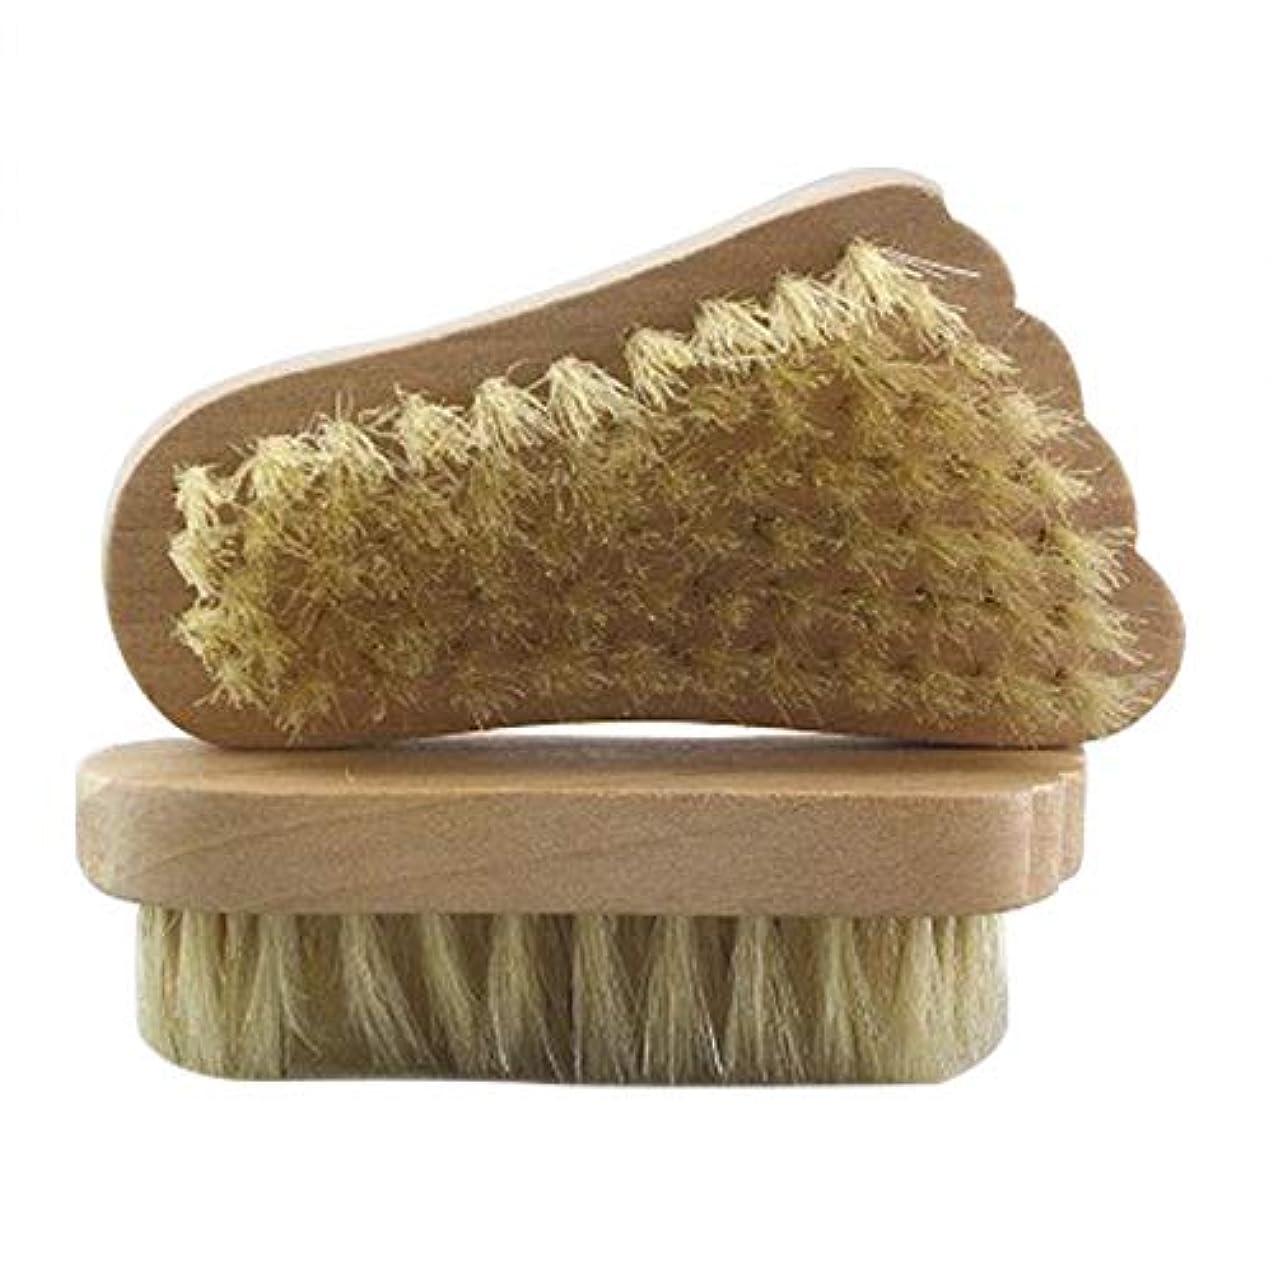 軽蔑歴史的絶え間ないMaltose フットブラシ 豚毛 フットグルーマー 足ブラシ 足の裏ブラシ 足爪ブラシ 角質除去 2個セット